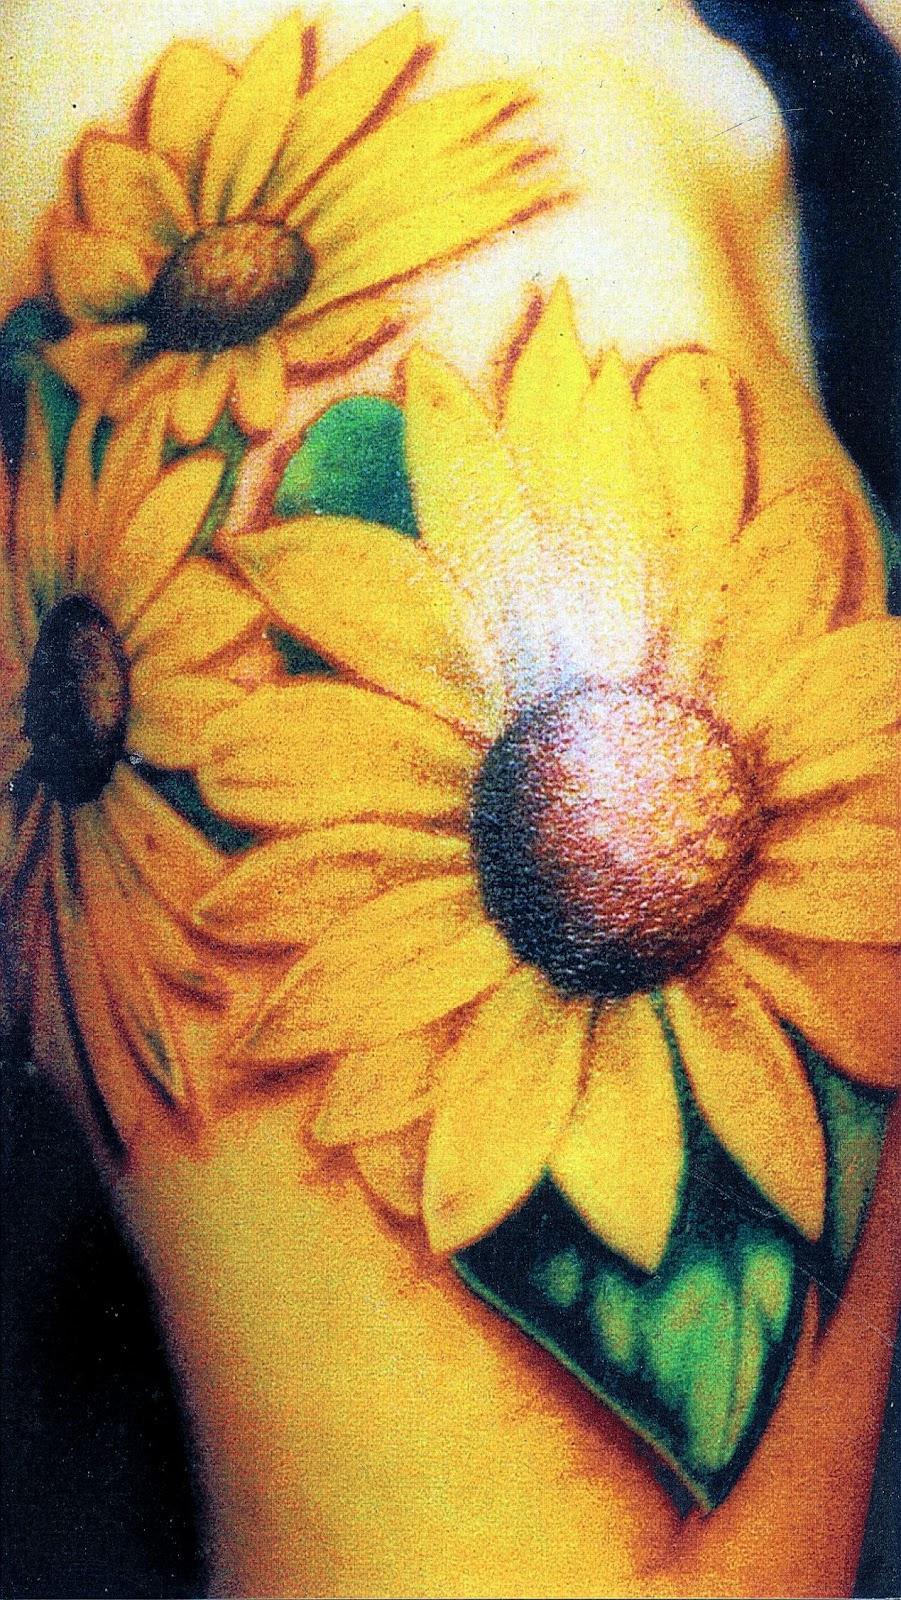 Sunflower Shoulder Tattoo   Interior Home Design